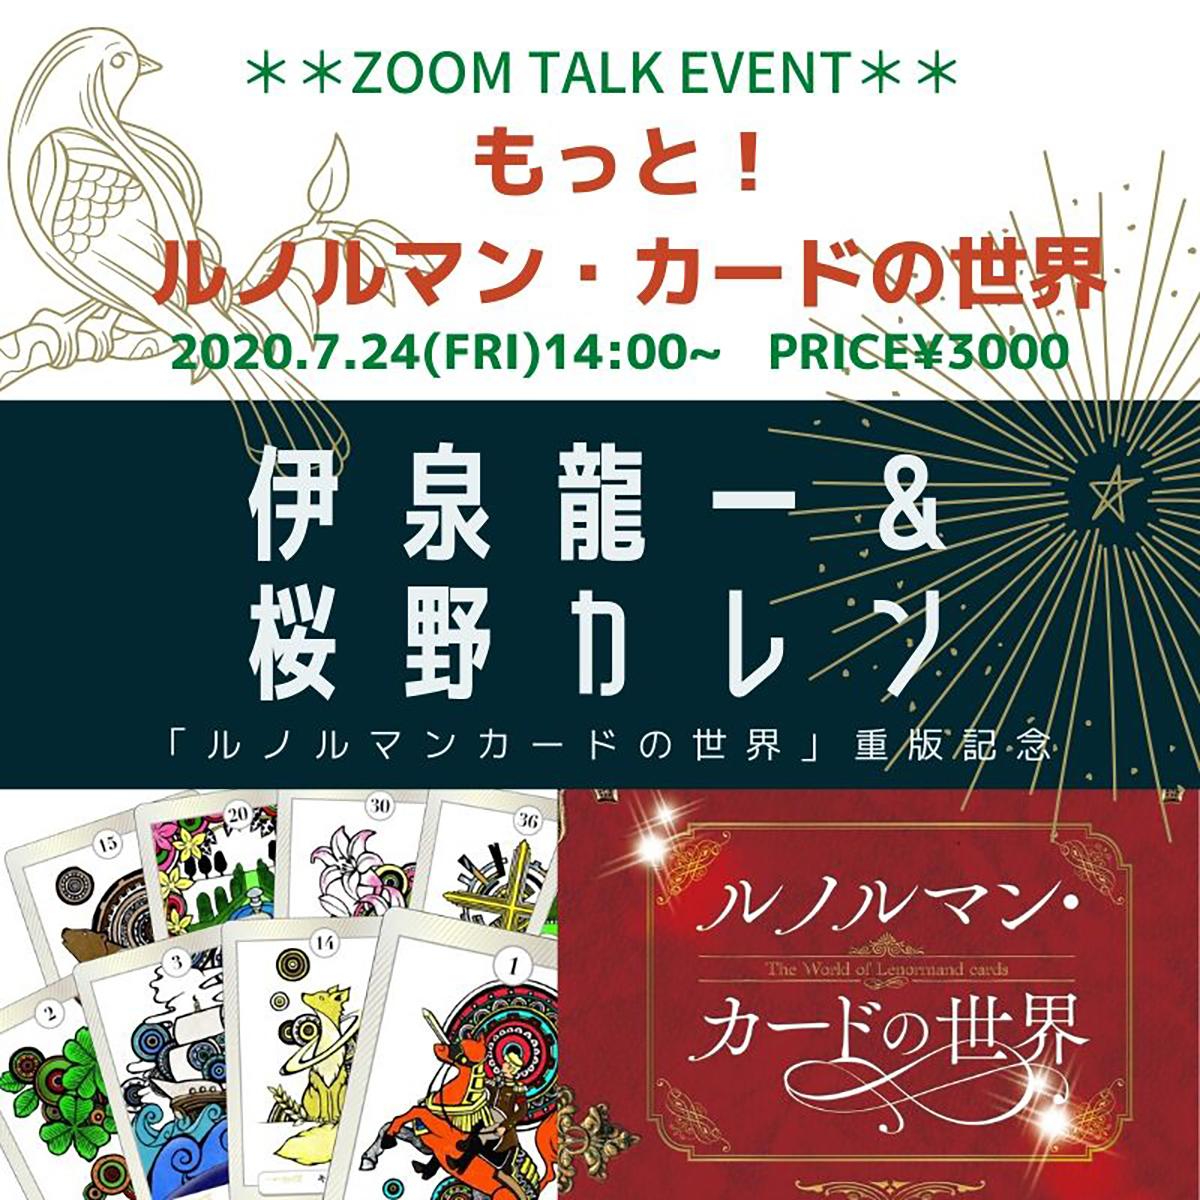 【ZOOMトークイベント】伊泉龍一&桜野カレン < もっと! ルノルマンカードの世界>